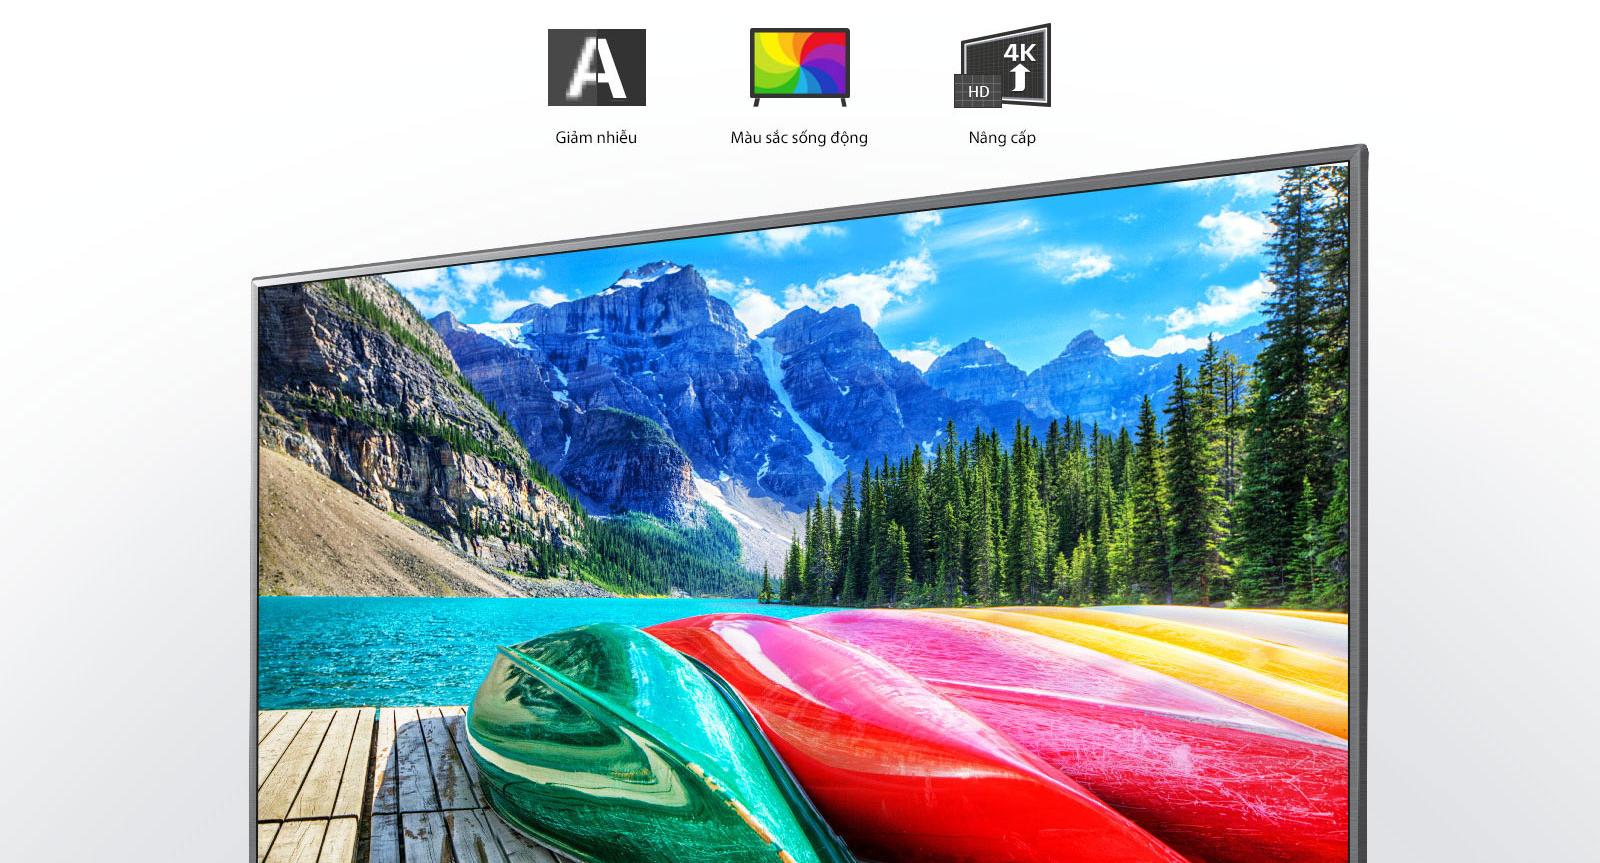 Bộ xử lý lõi tứ 4K - Nâng cao chất lượng hình mọi nội dung bạn xem